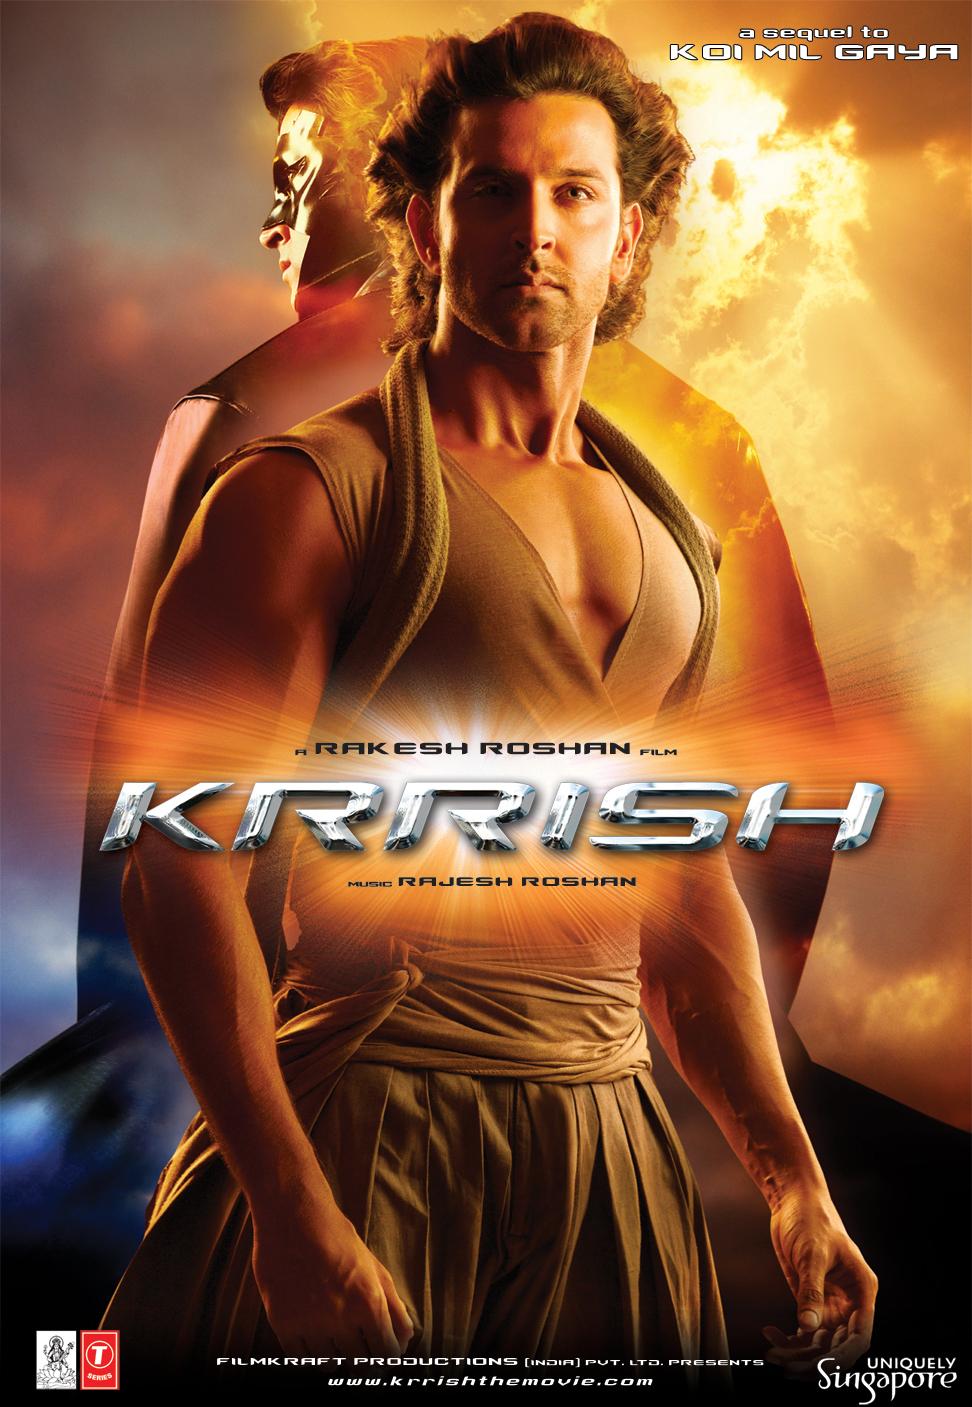 Krrish 2006  IMDb